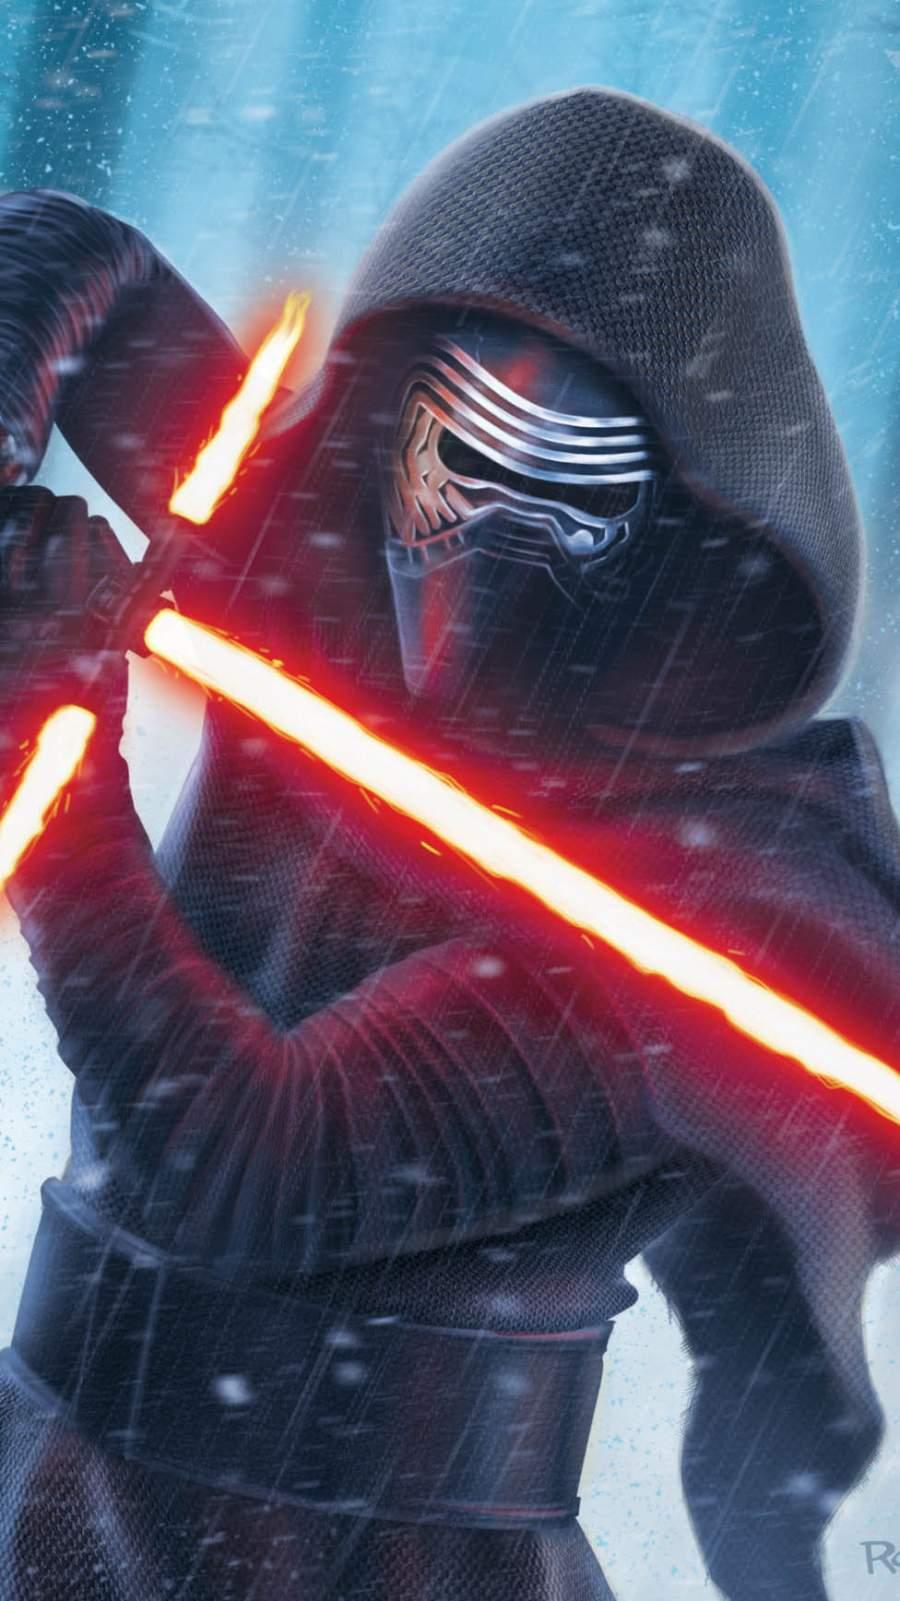 Star Wars Kylo Ren iPhone Wallpaper